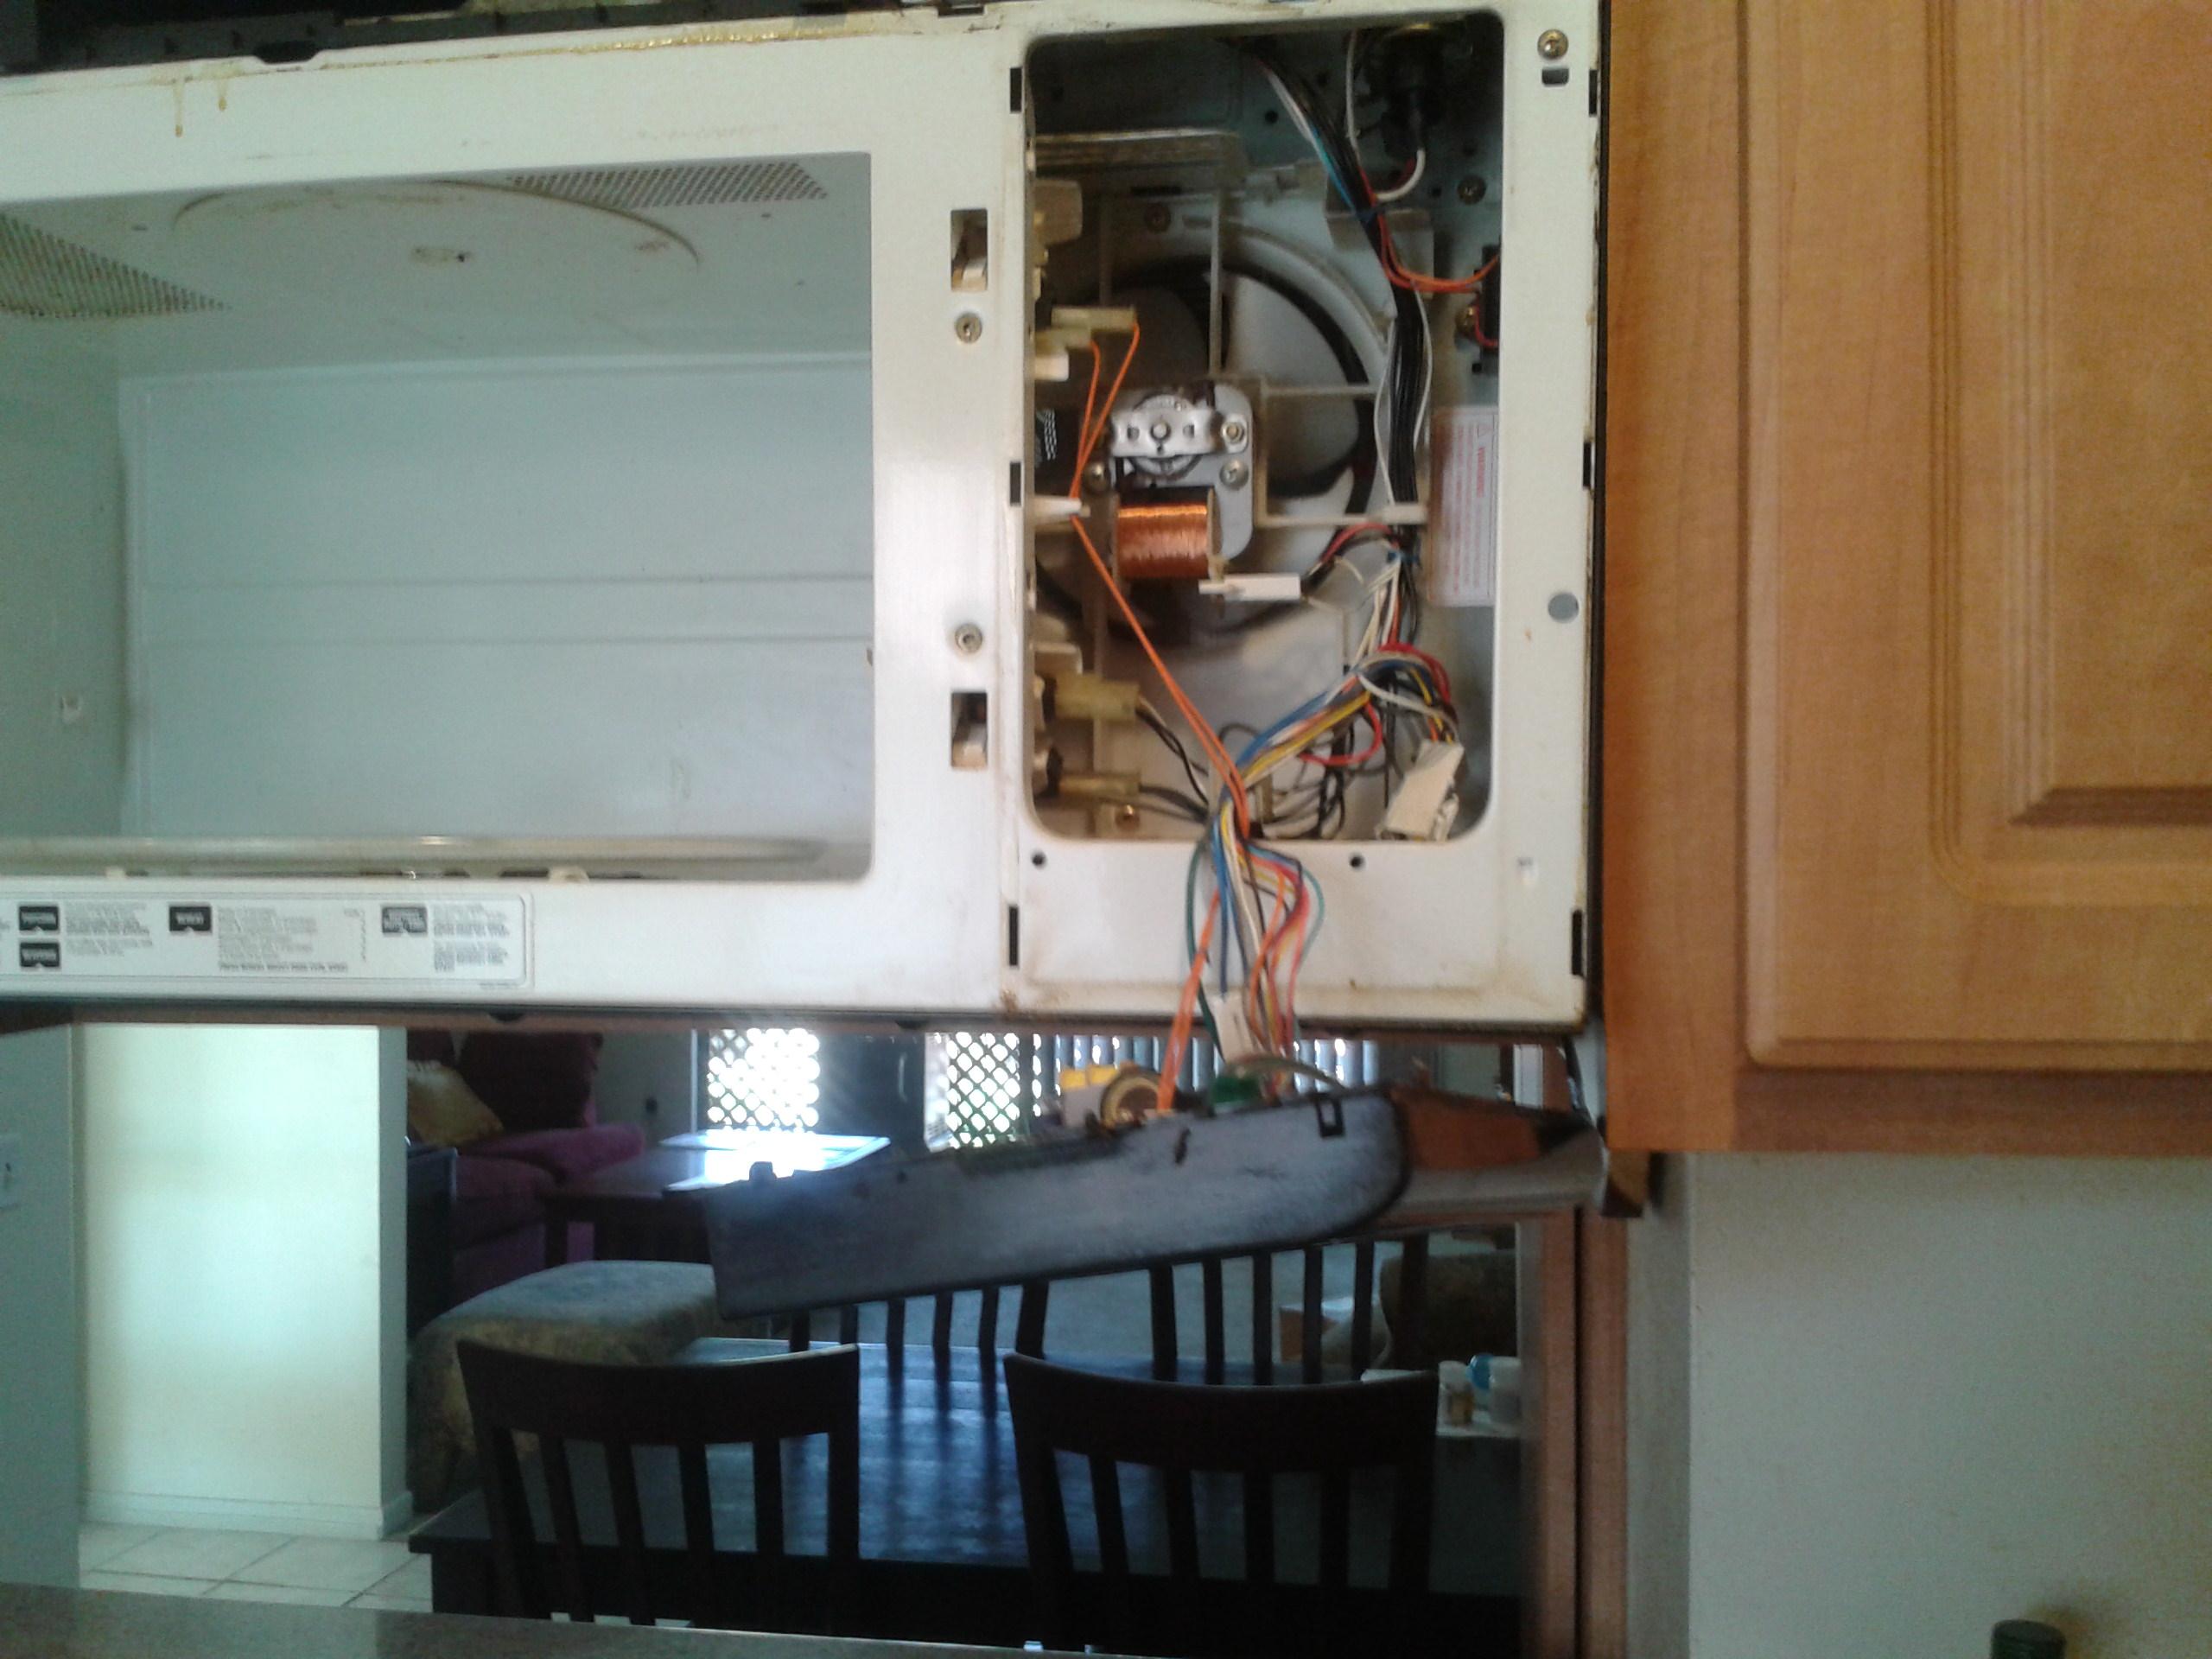 Microwave Repair Thermal Fuse Repair Sdacc